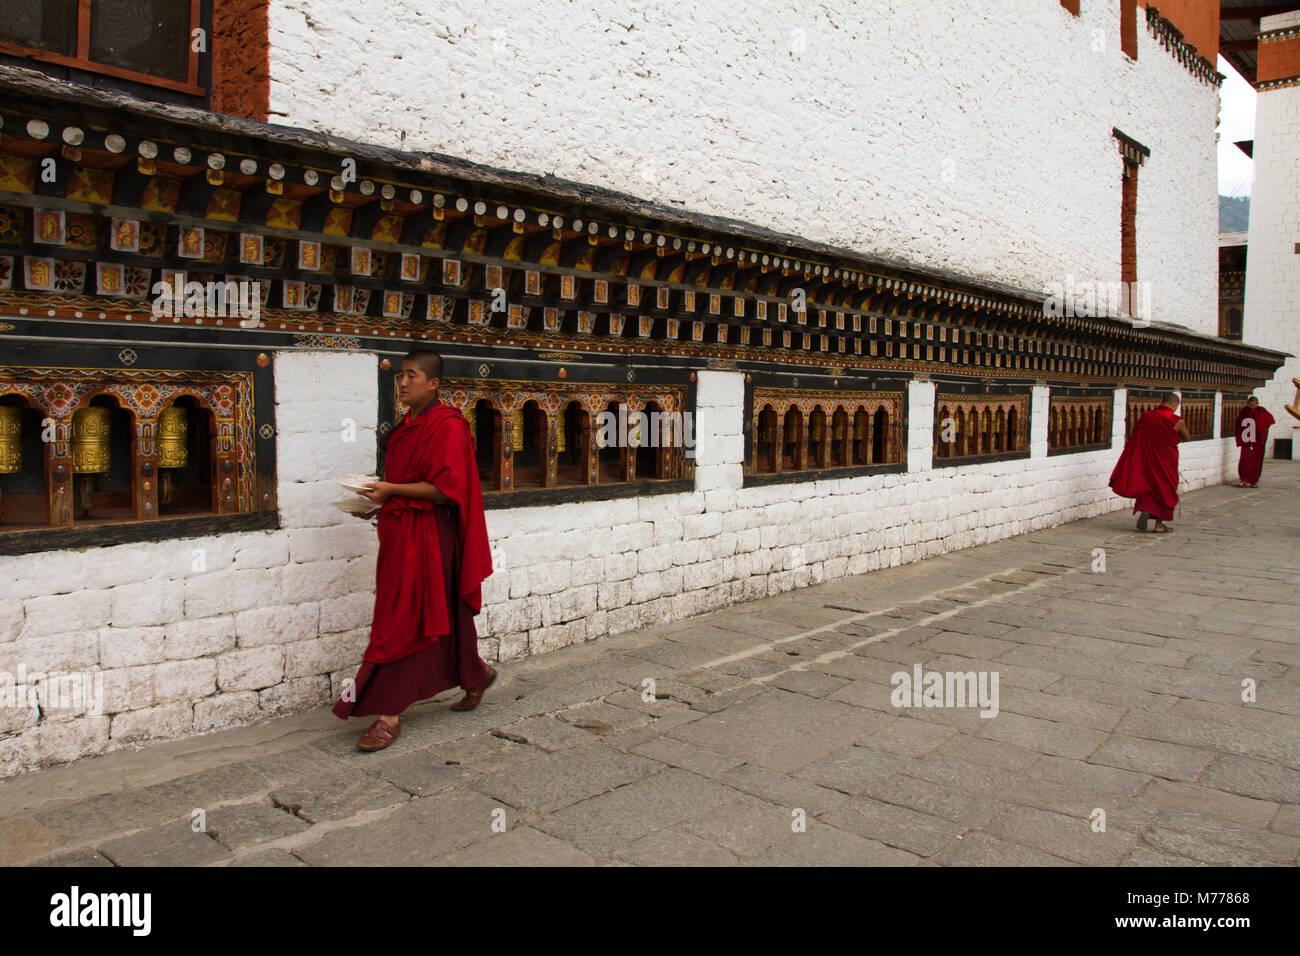 Les moines et les roues de prière, Tashi Chho Dzong Forteresse, Thimphu, Bhoutan, Asie Photo Stock